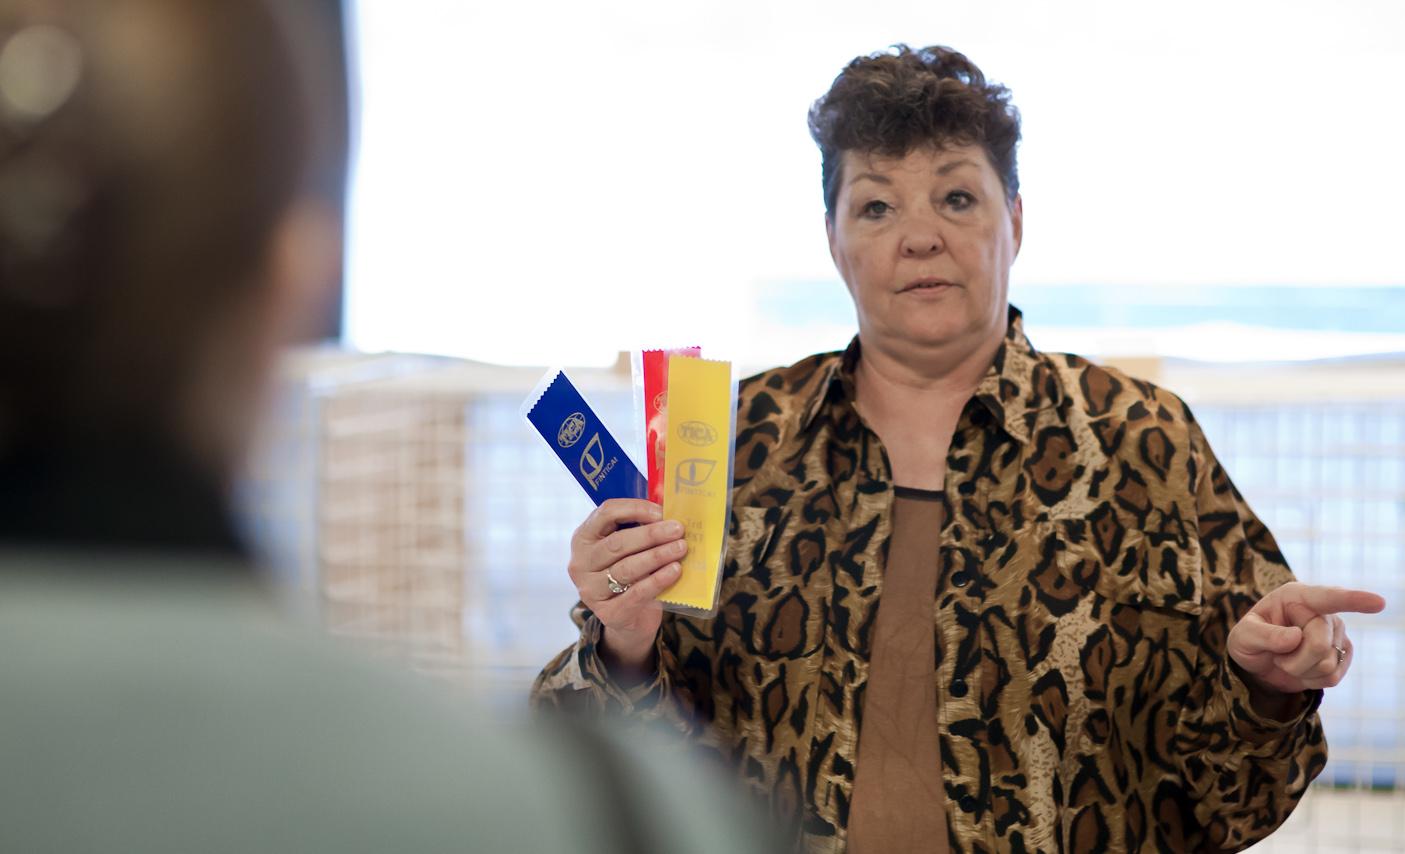 the judge explains the TICA show, photo 167011, 2011-01-09